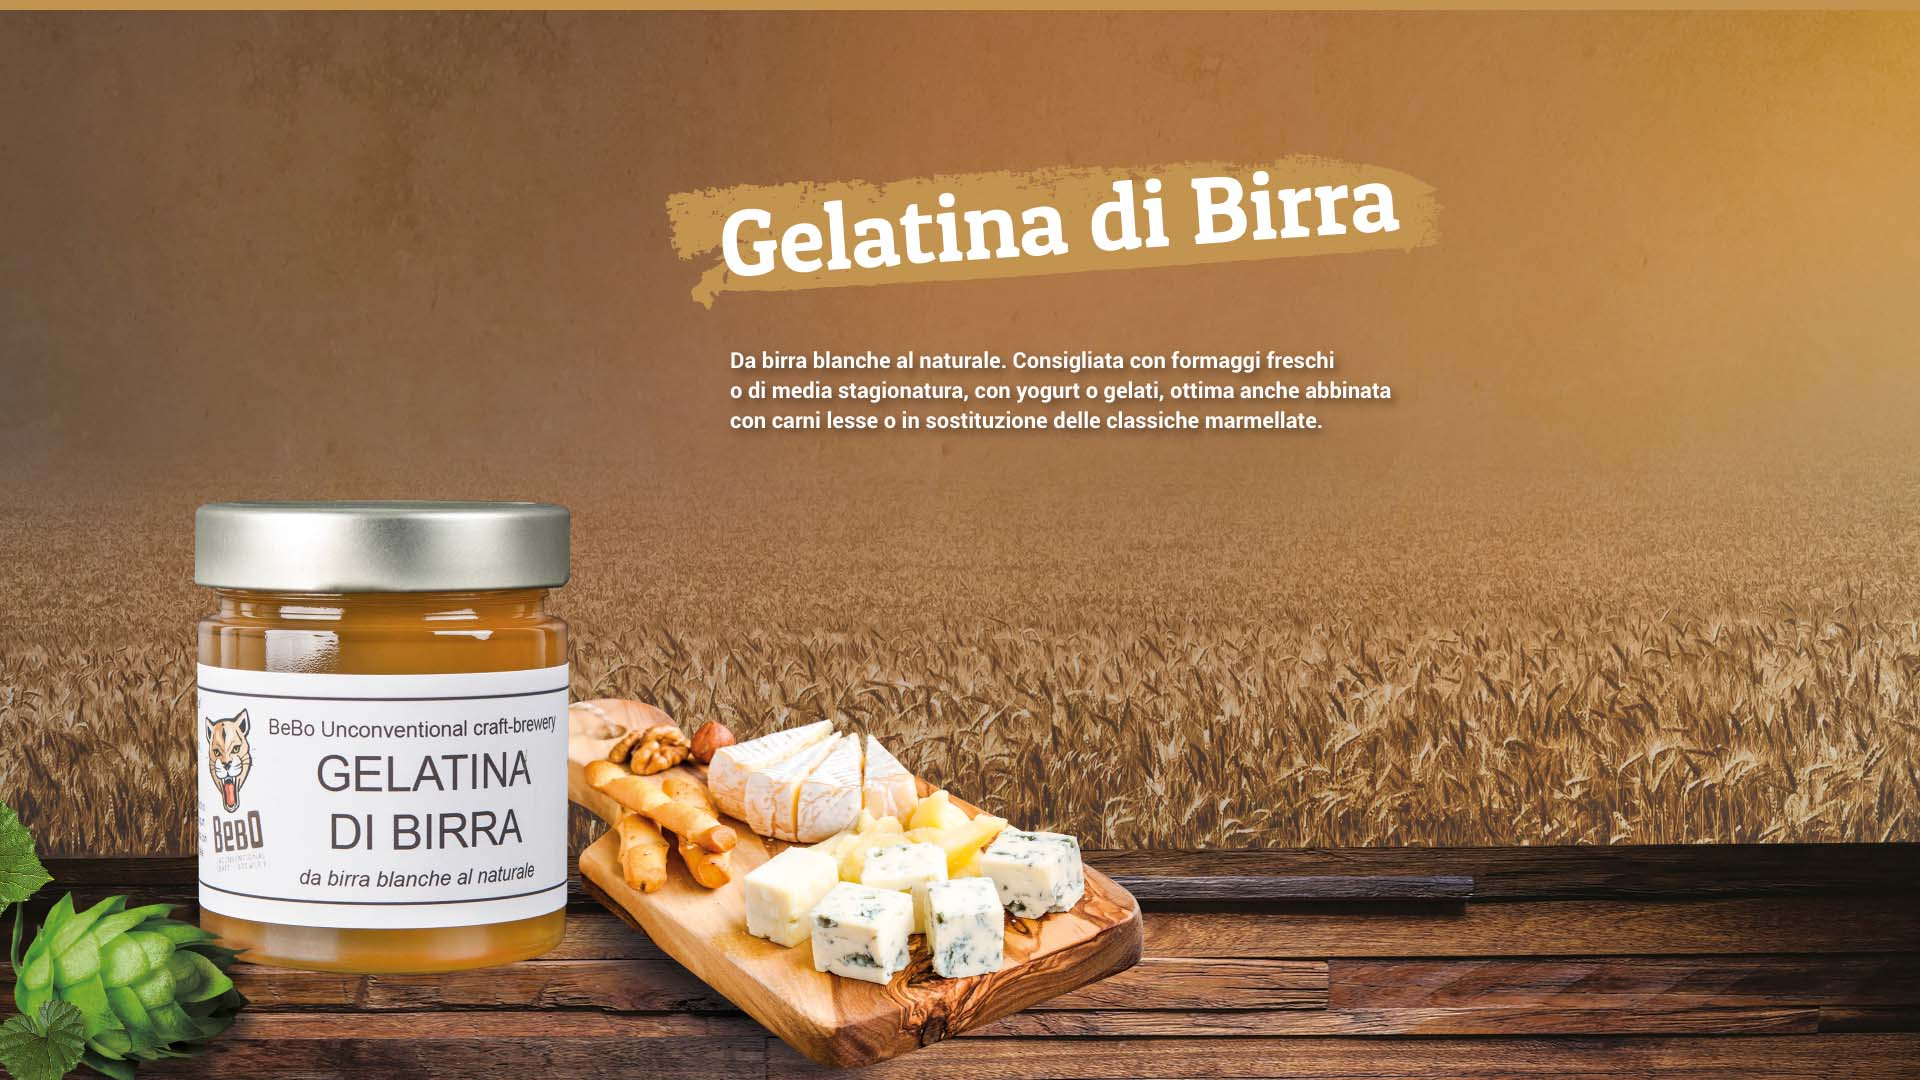 GELATINA-DI-BIRRA